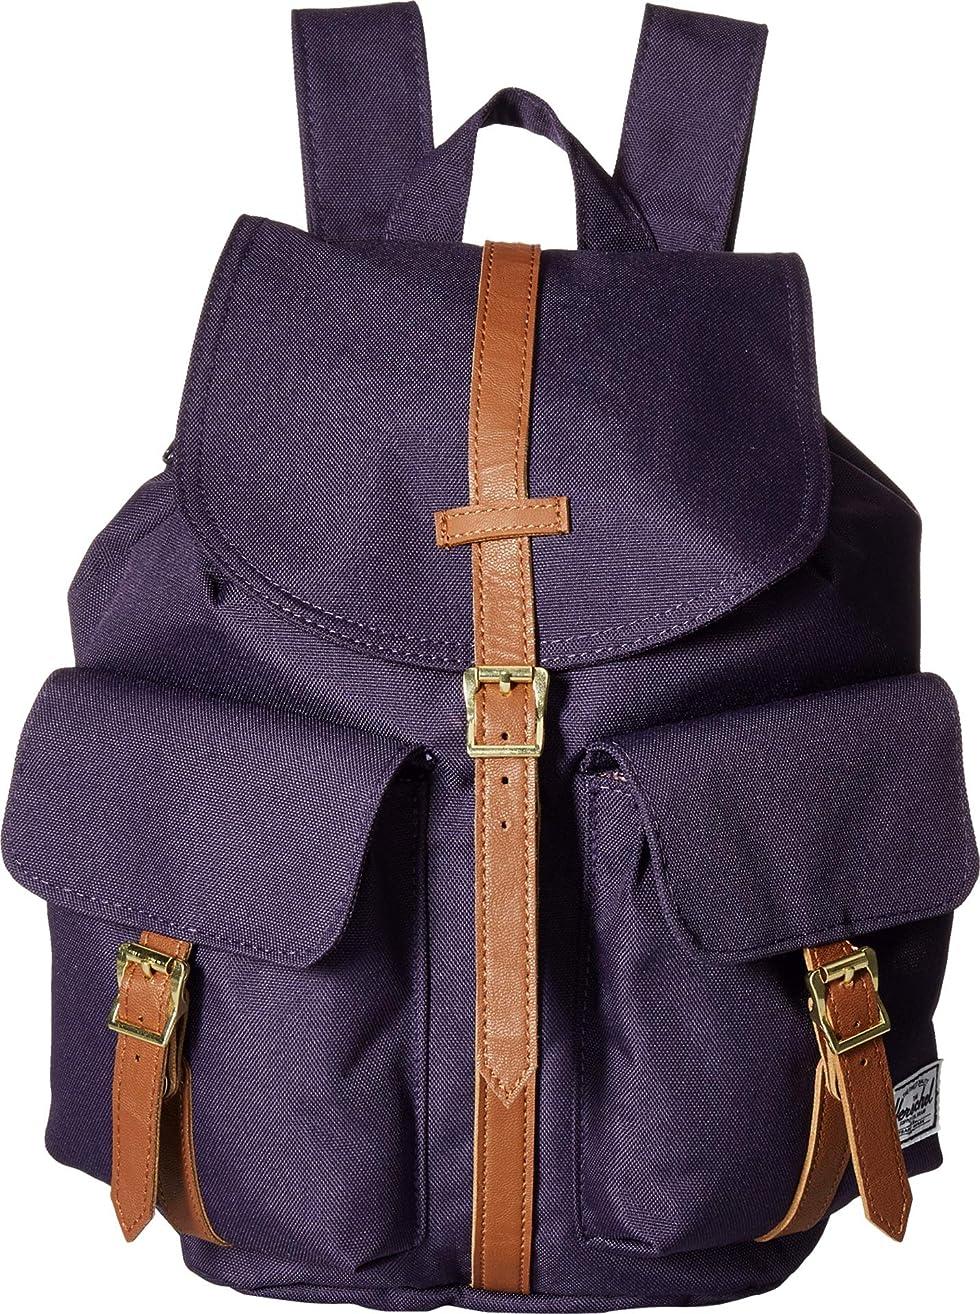 妻付録発音するHerschel Supply Co, 10301 バックパック, Purple Velvet/Tan Synthetic Leather, One Size